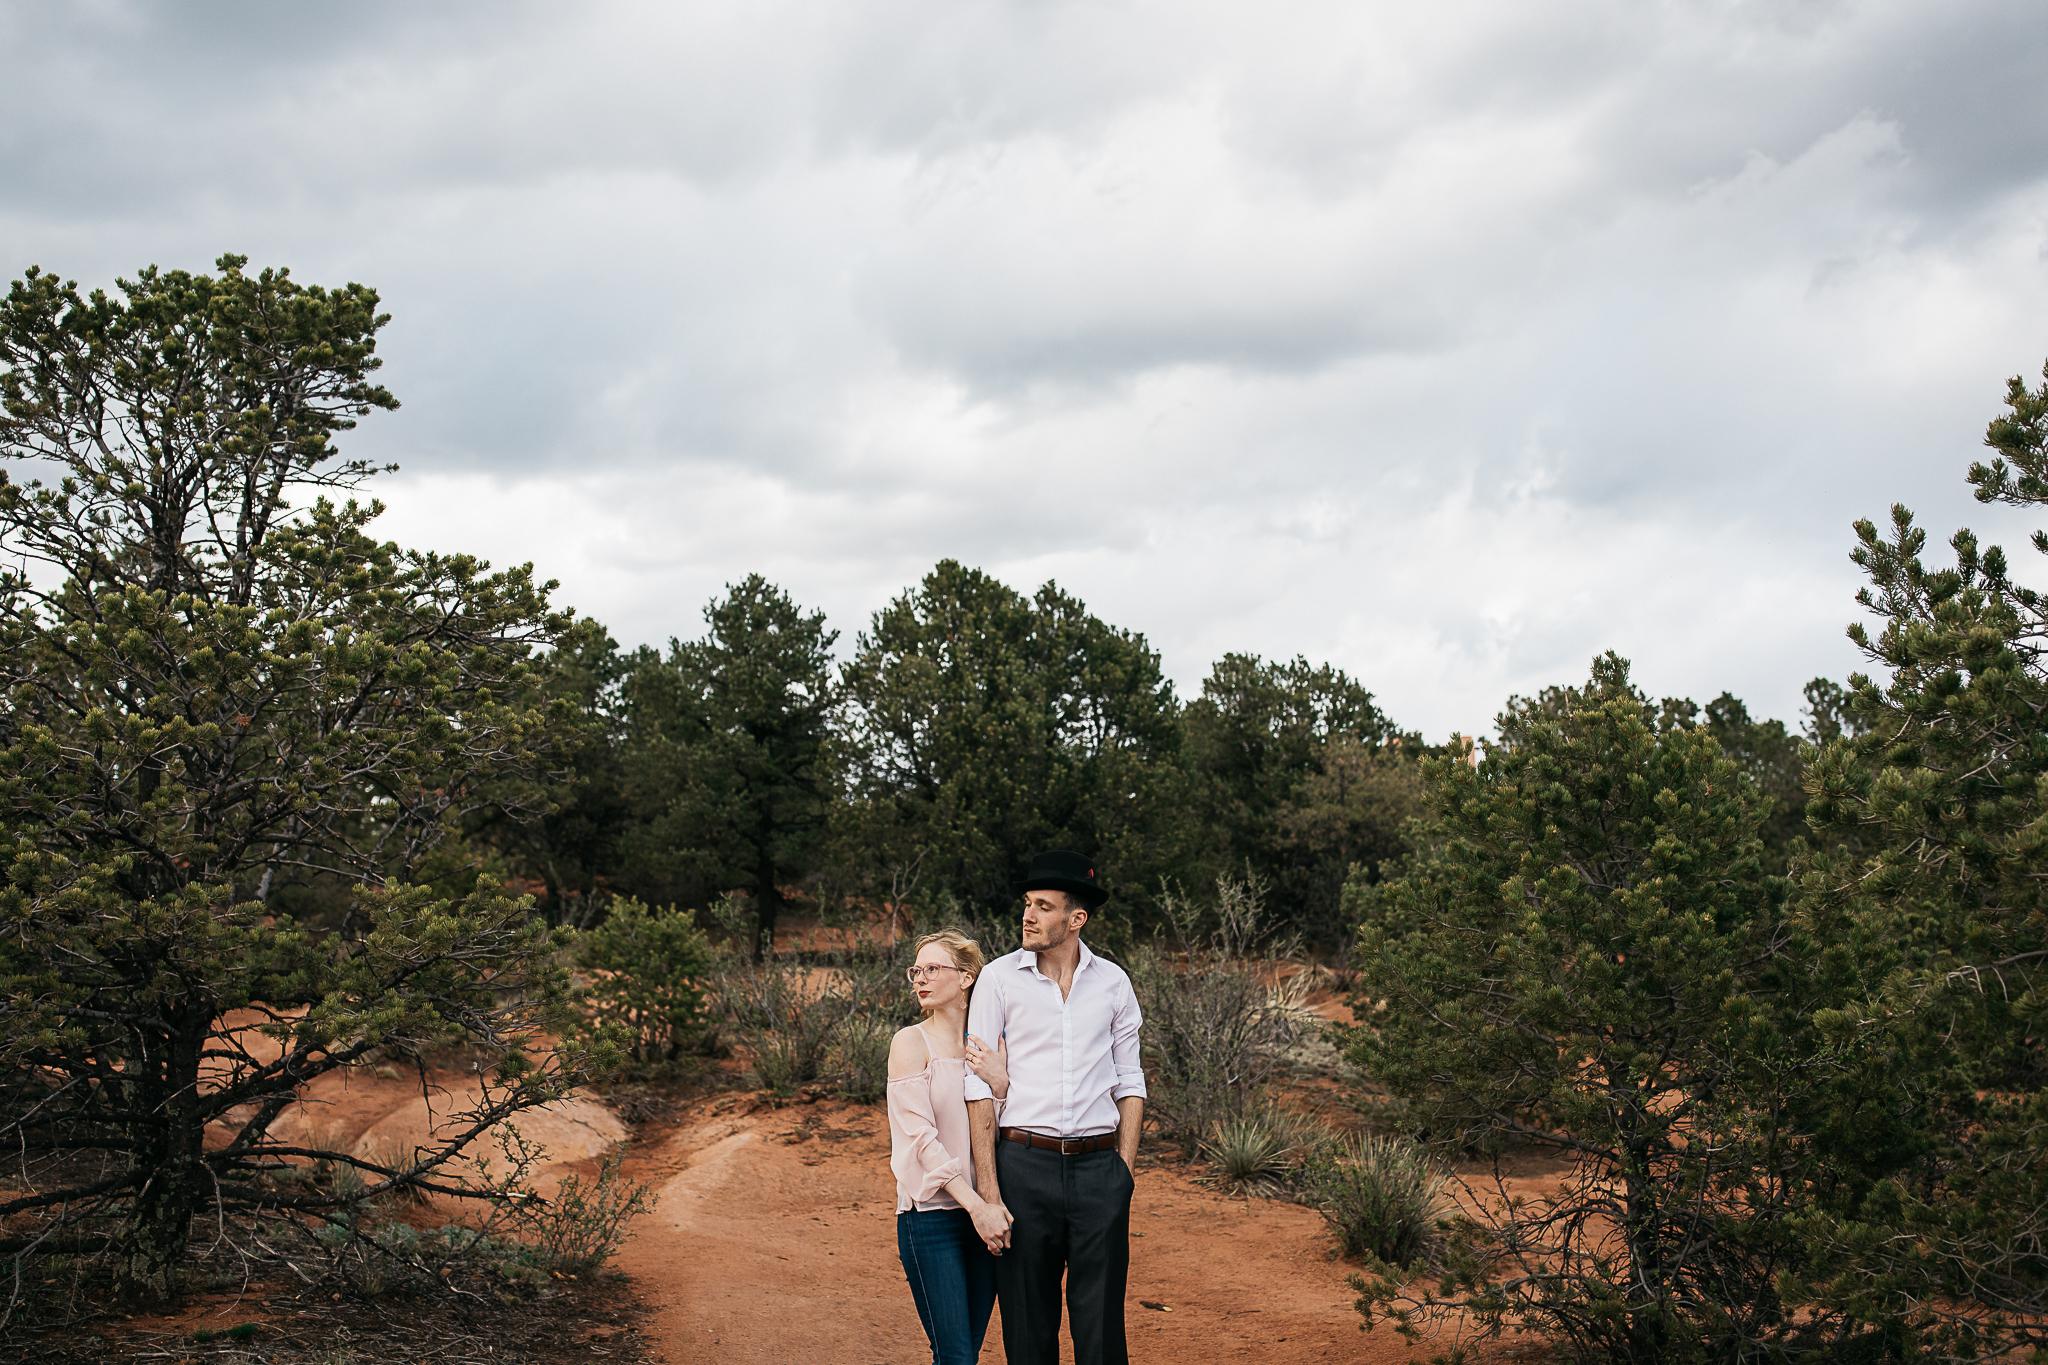 Elizabeth-and-Ryan-GardenoftheGods-Thewarmtharoundyou-79.jpg